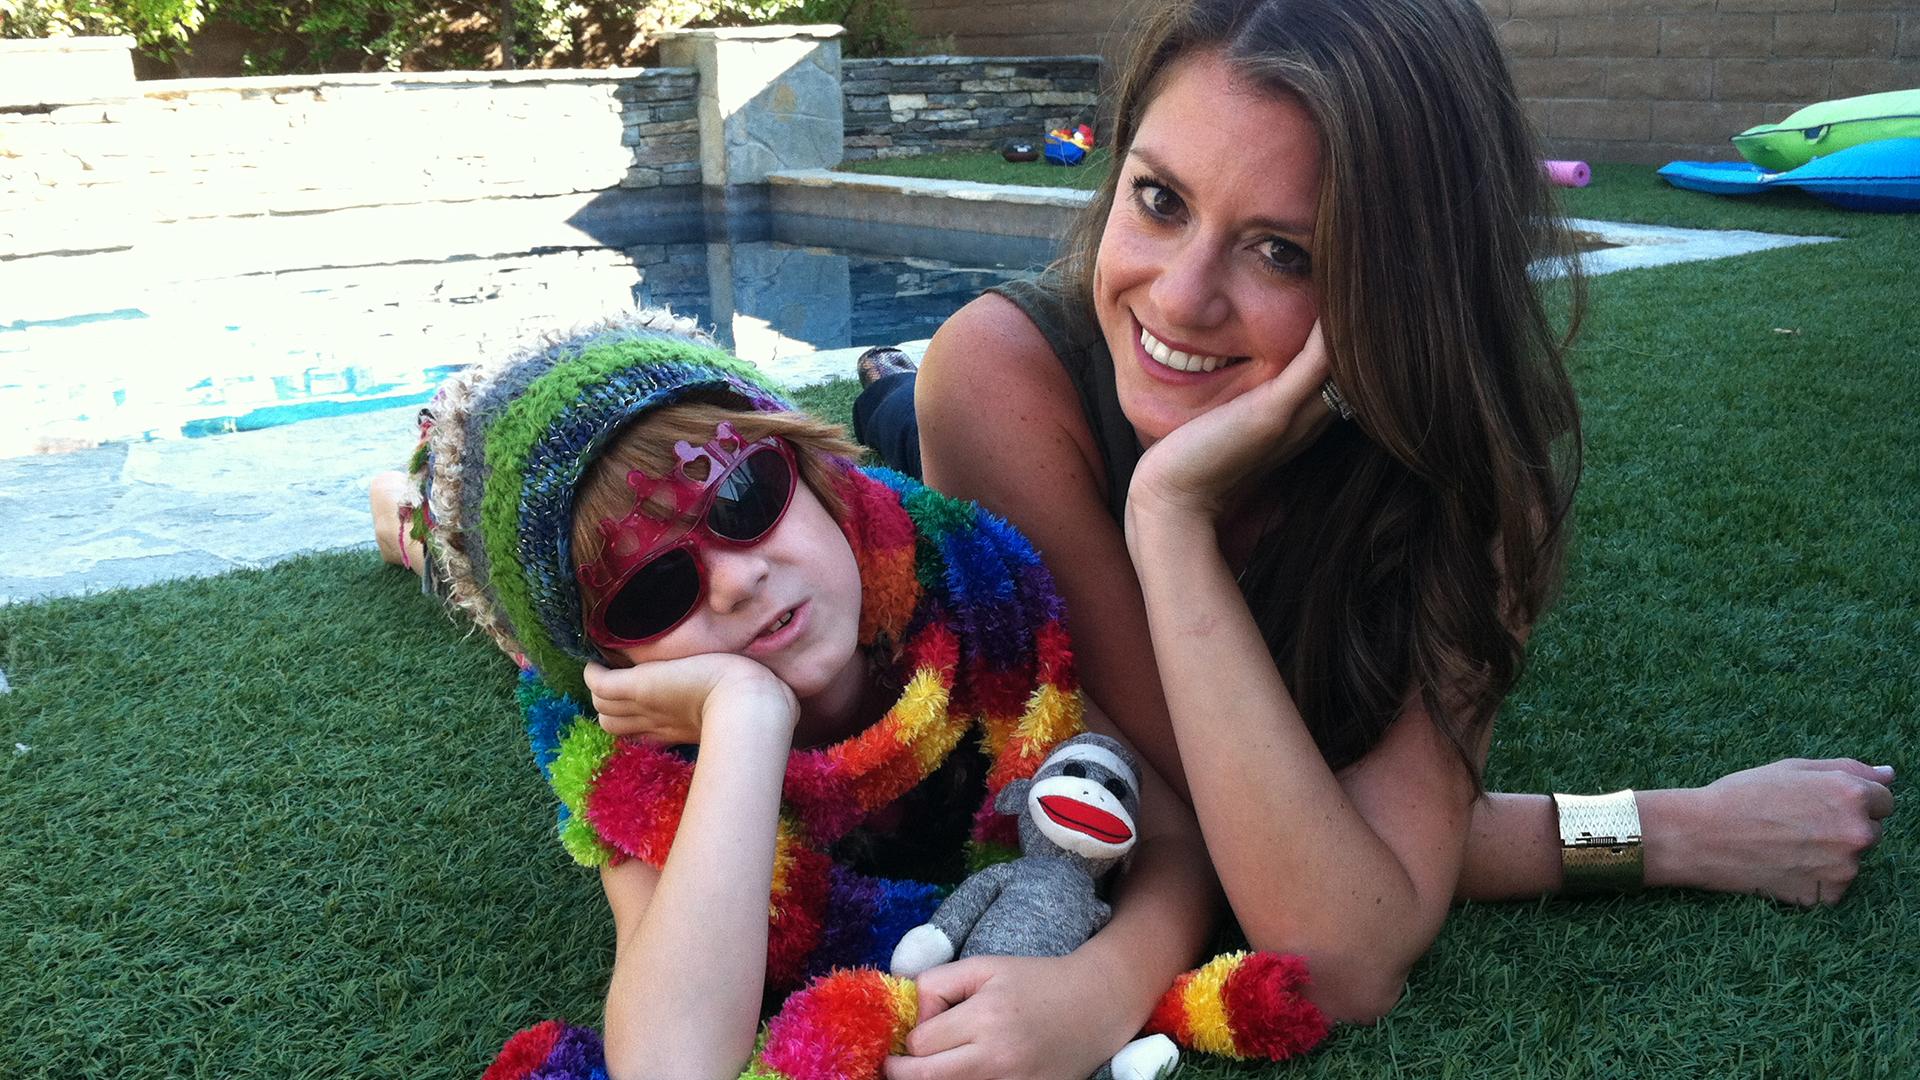 Lori Duron and her son | Sheknows.com